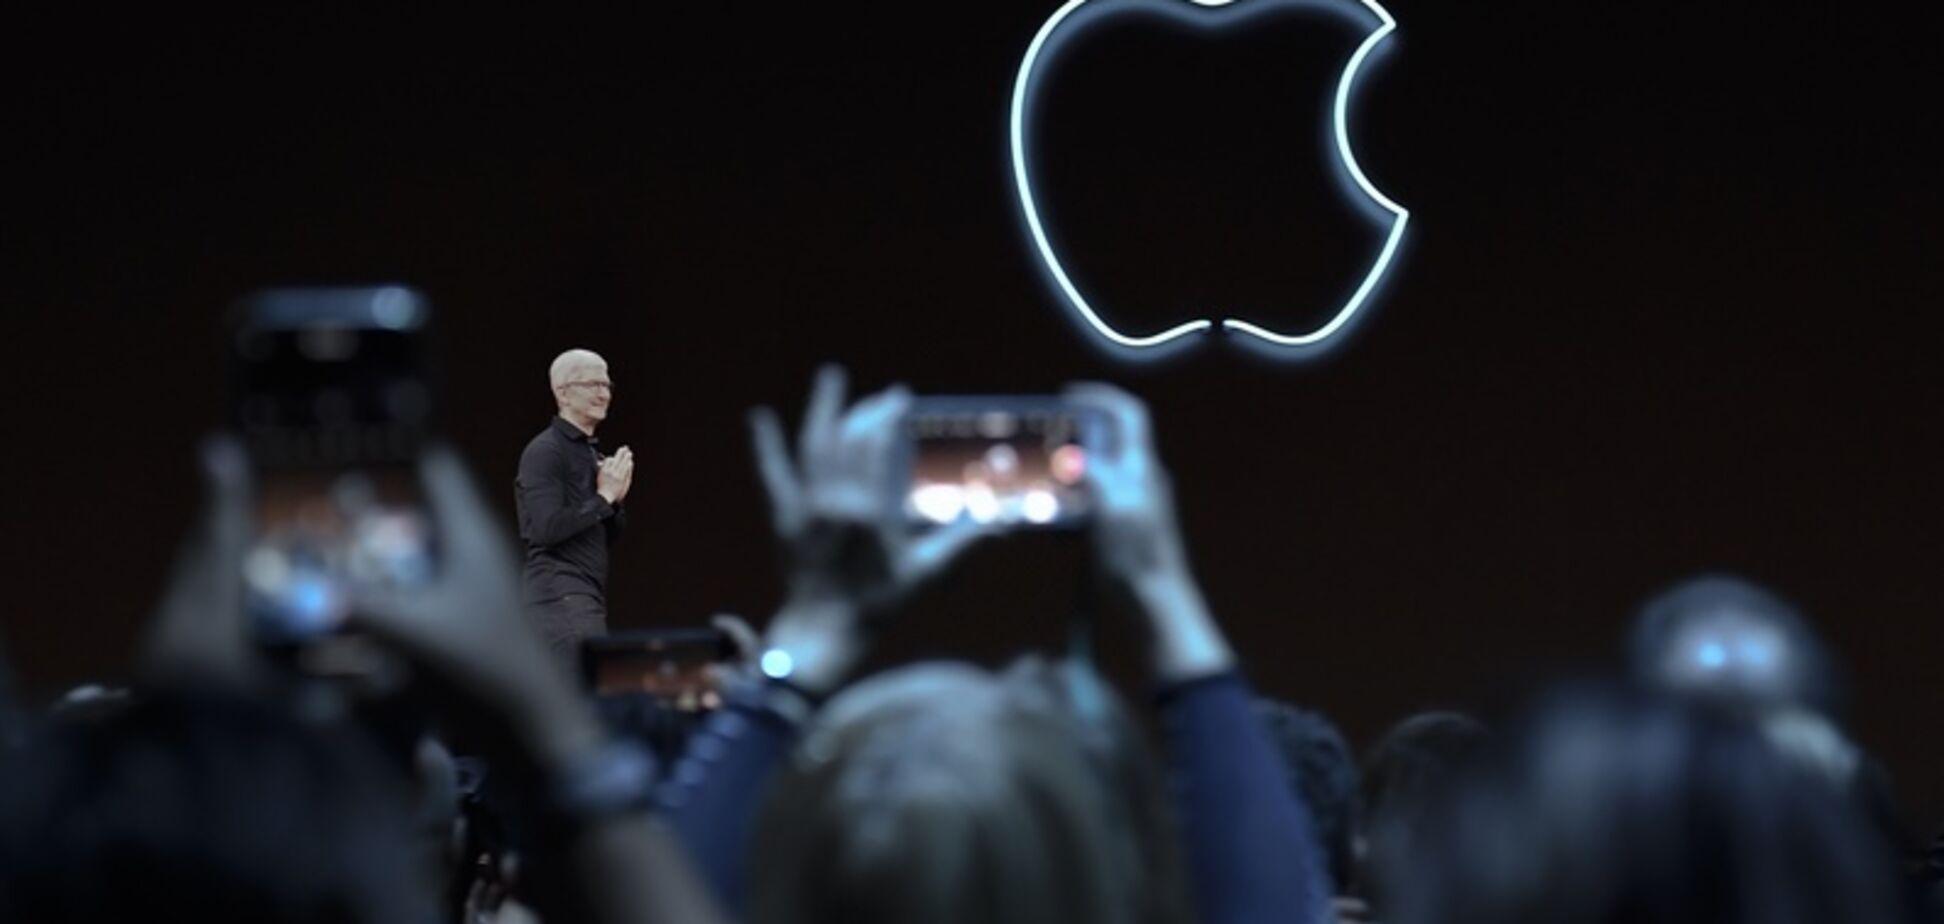 Презентация Apple-2019: как будут выглядеть новые IPhone и где смотреть